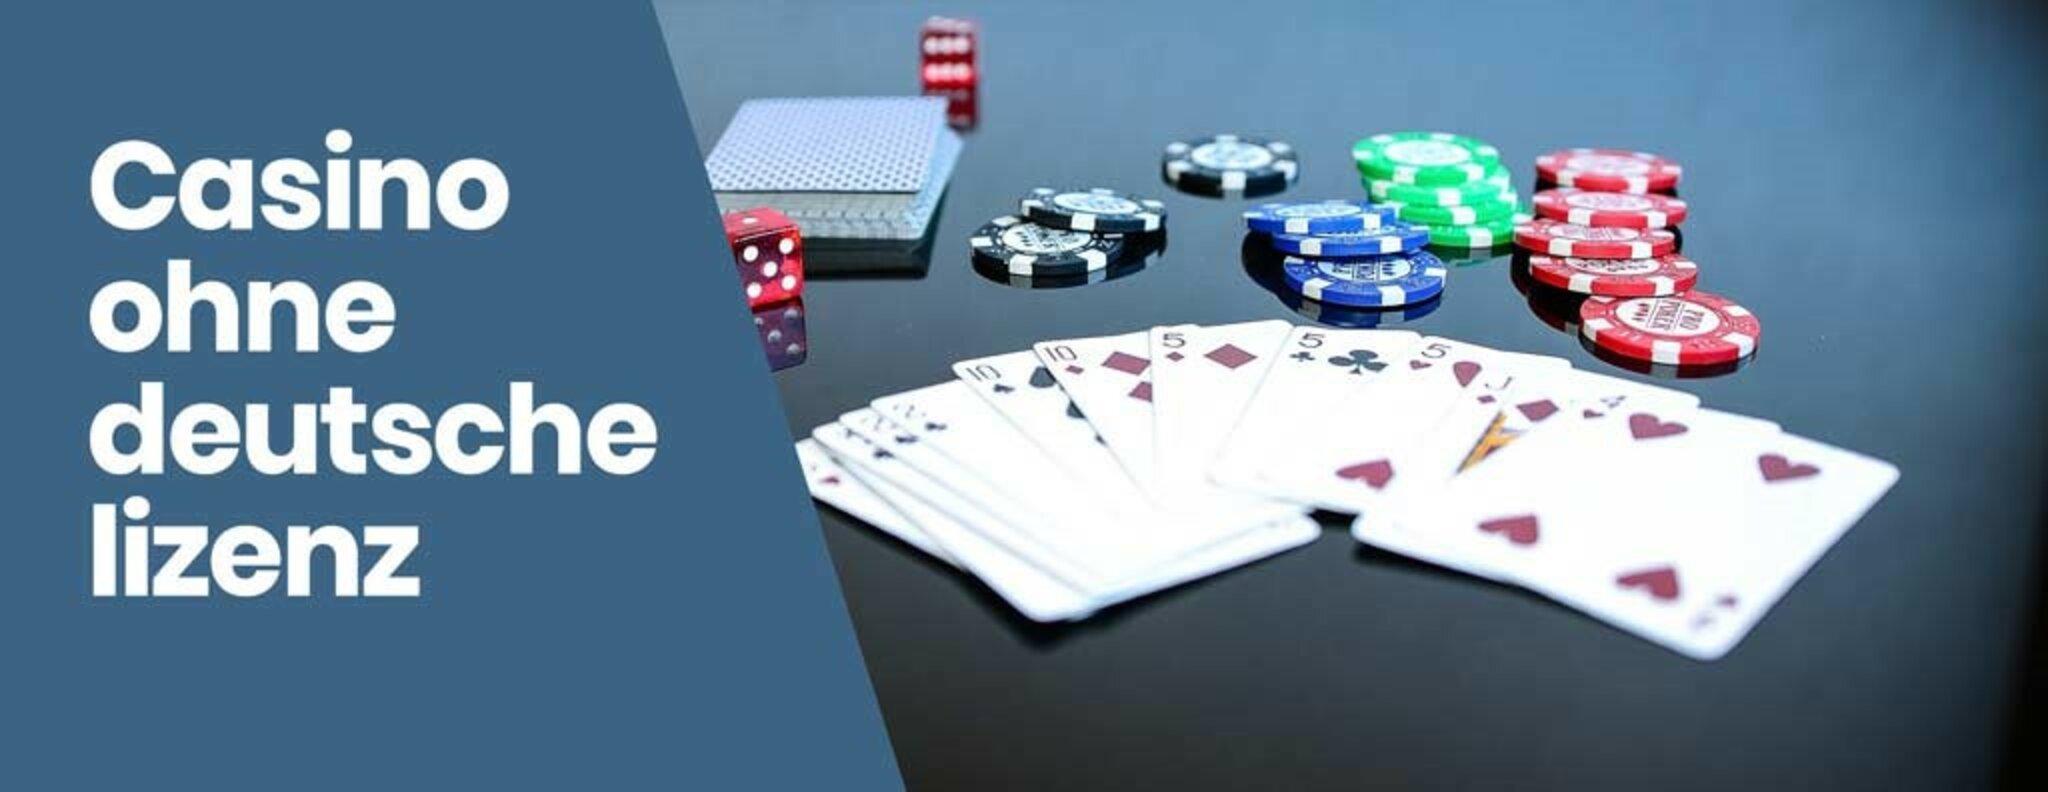 echtgeld online casino